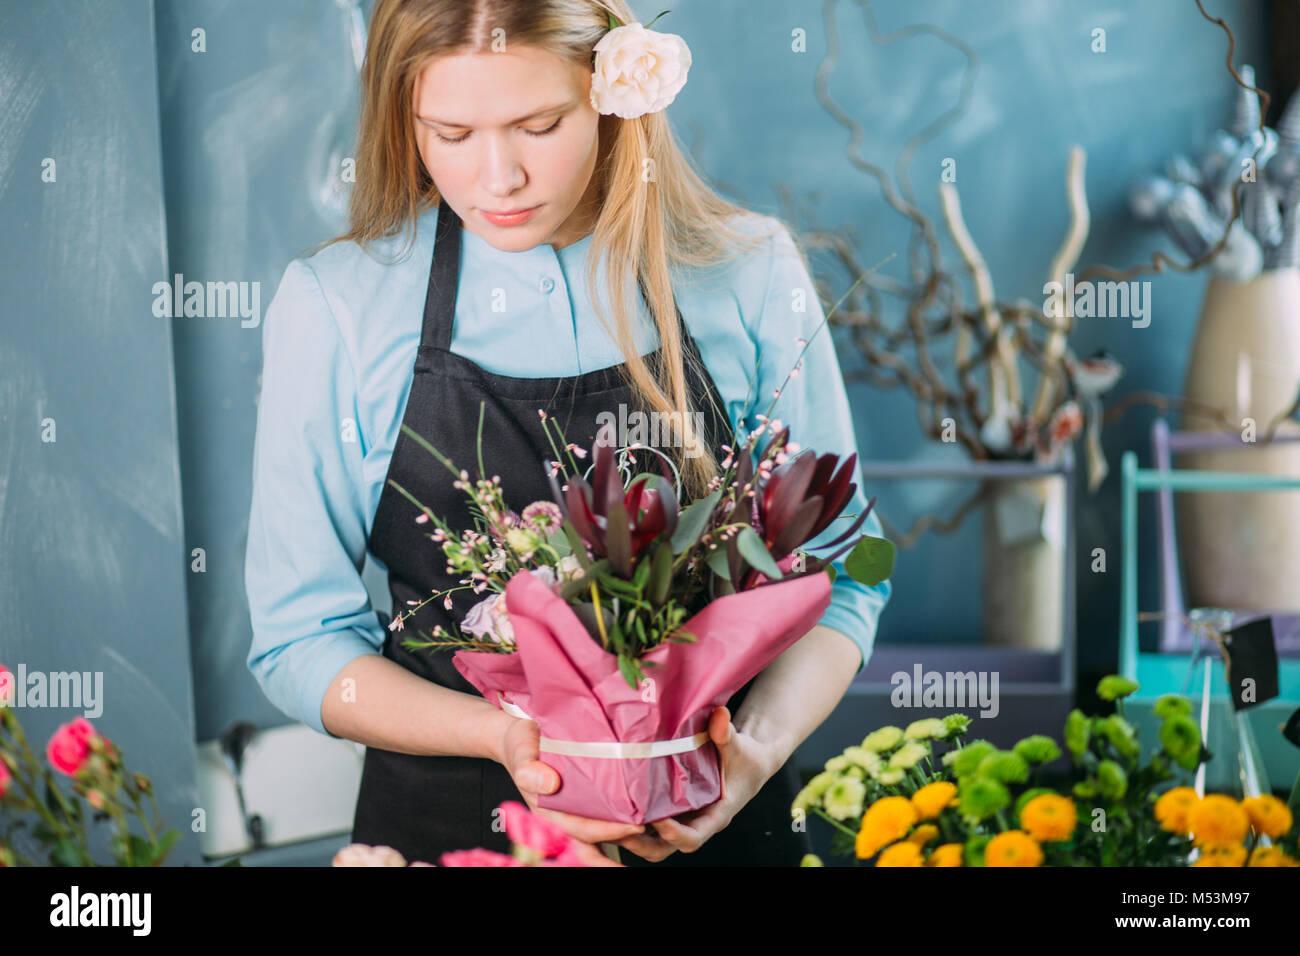 Junge Floristen displasing Blüten auf blauem Hintergrund Stockbild